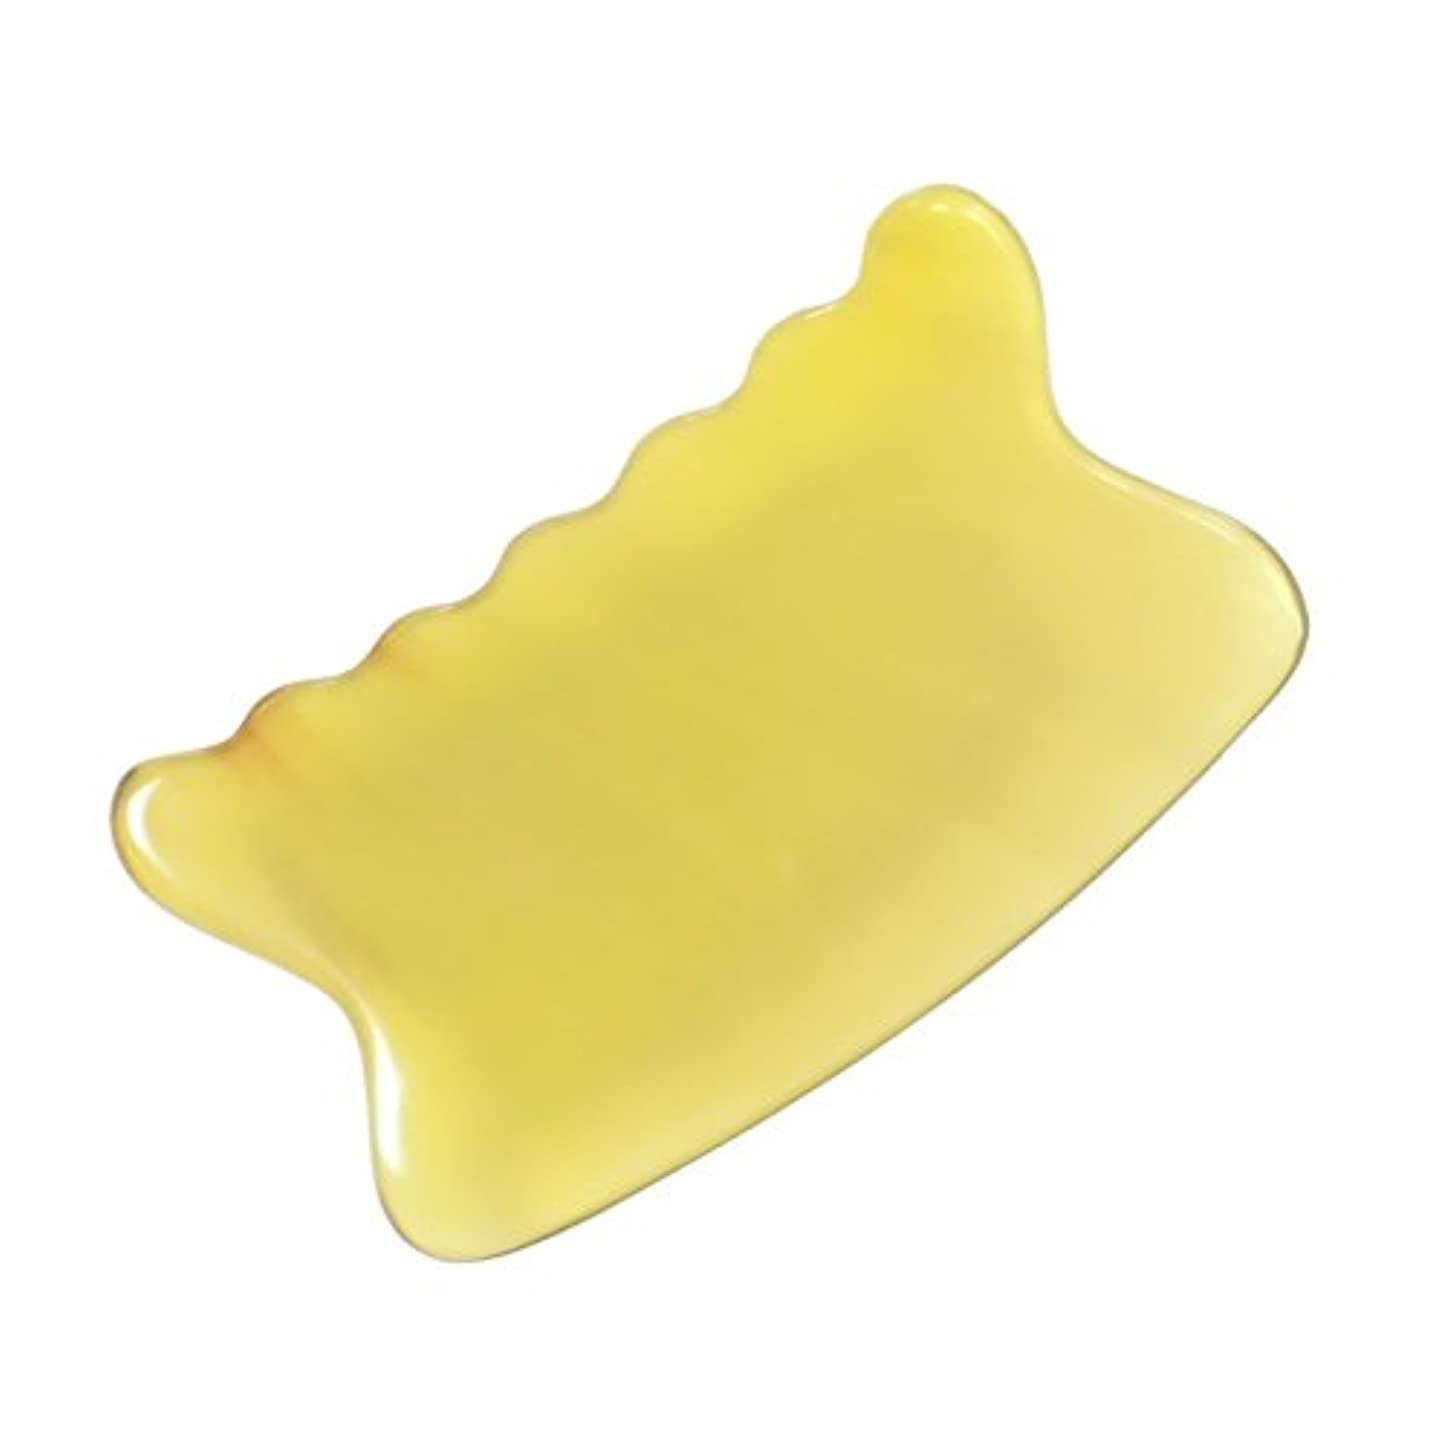 湾虫を数える神学校かっさ プレート 希少63 黄水牛角 極美品 曲波型